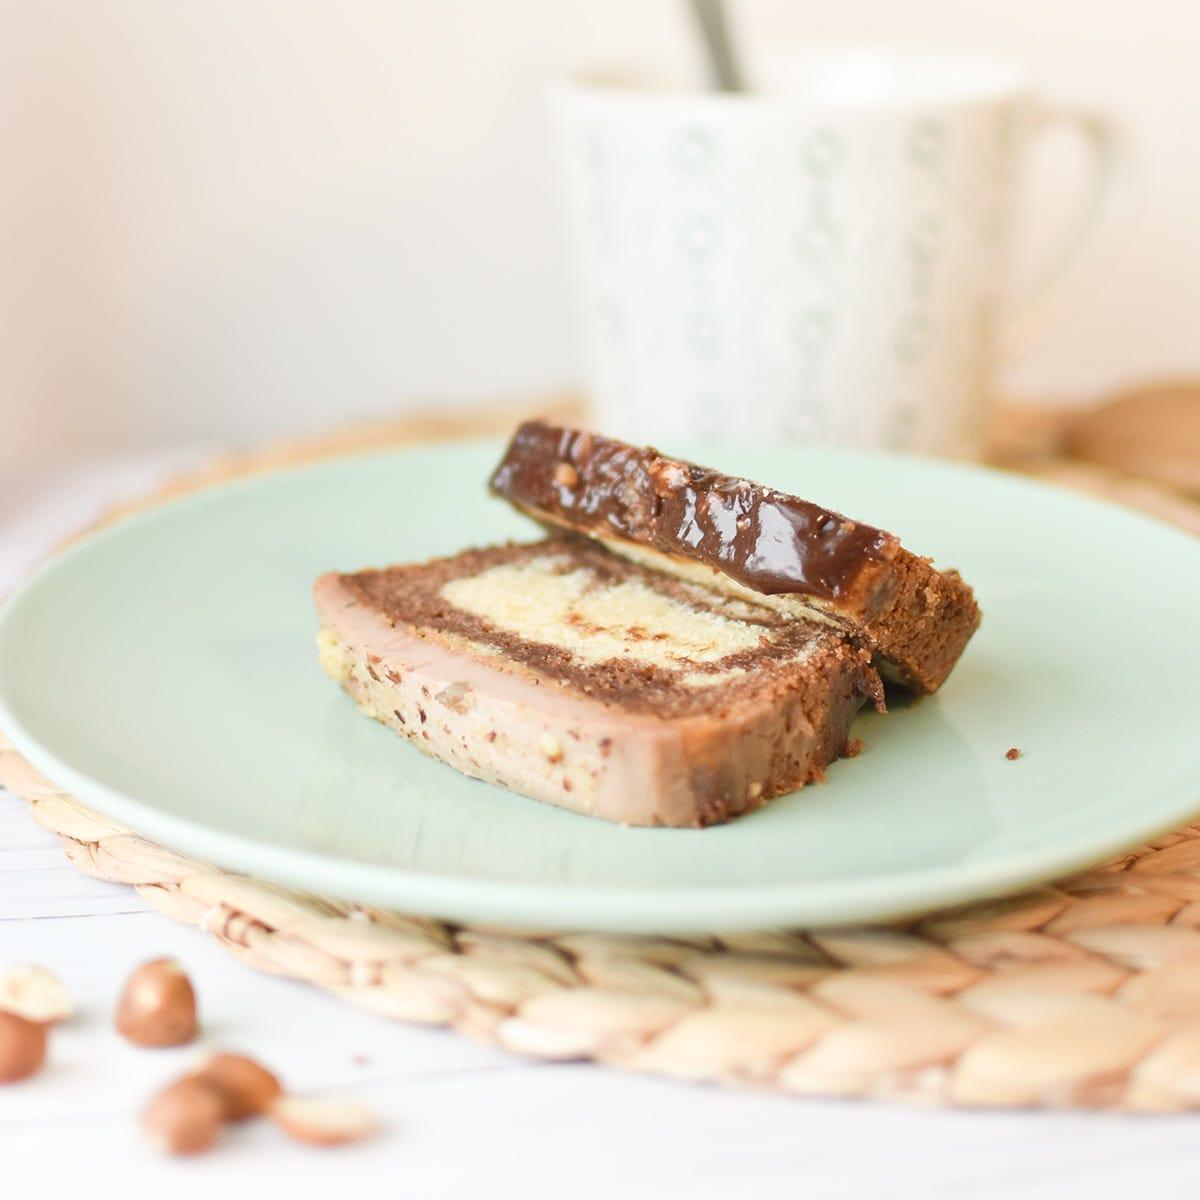 Fate ingelosire gli altri con la vostra super ricetta della torta marmorizzata alla nocciolata!